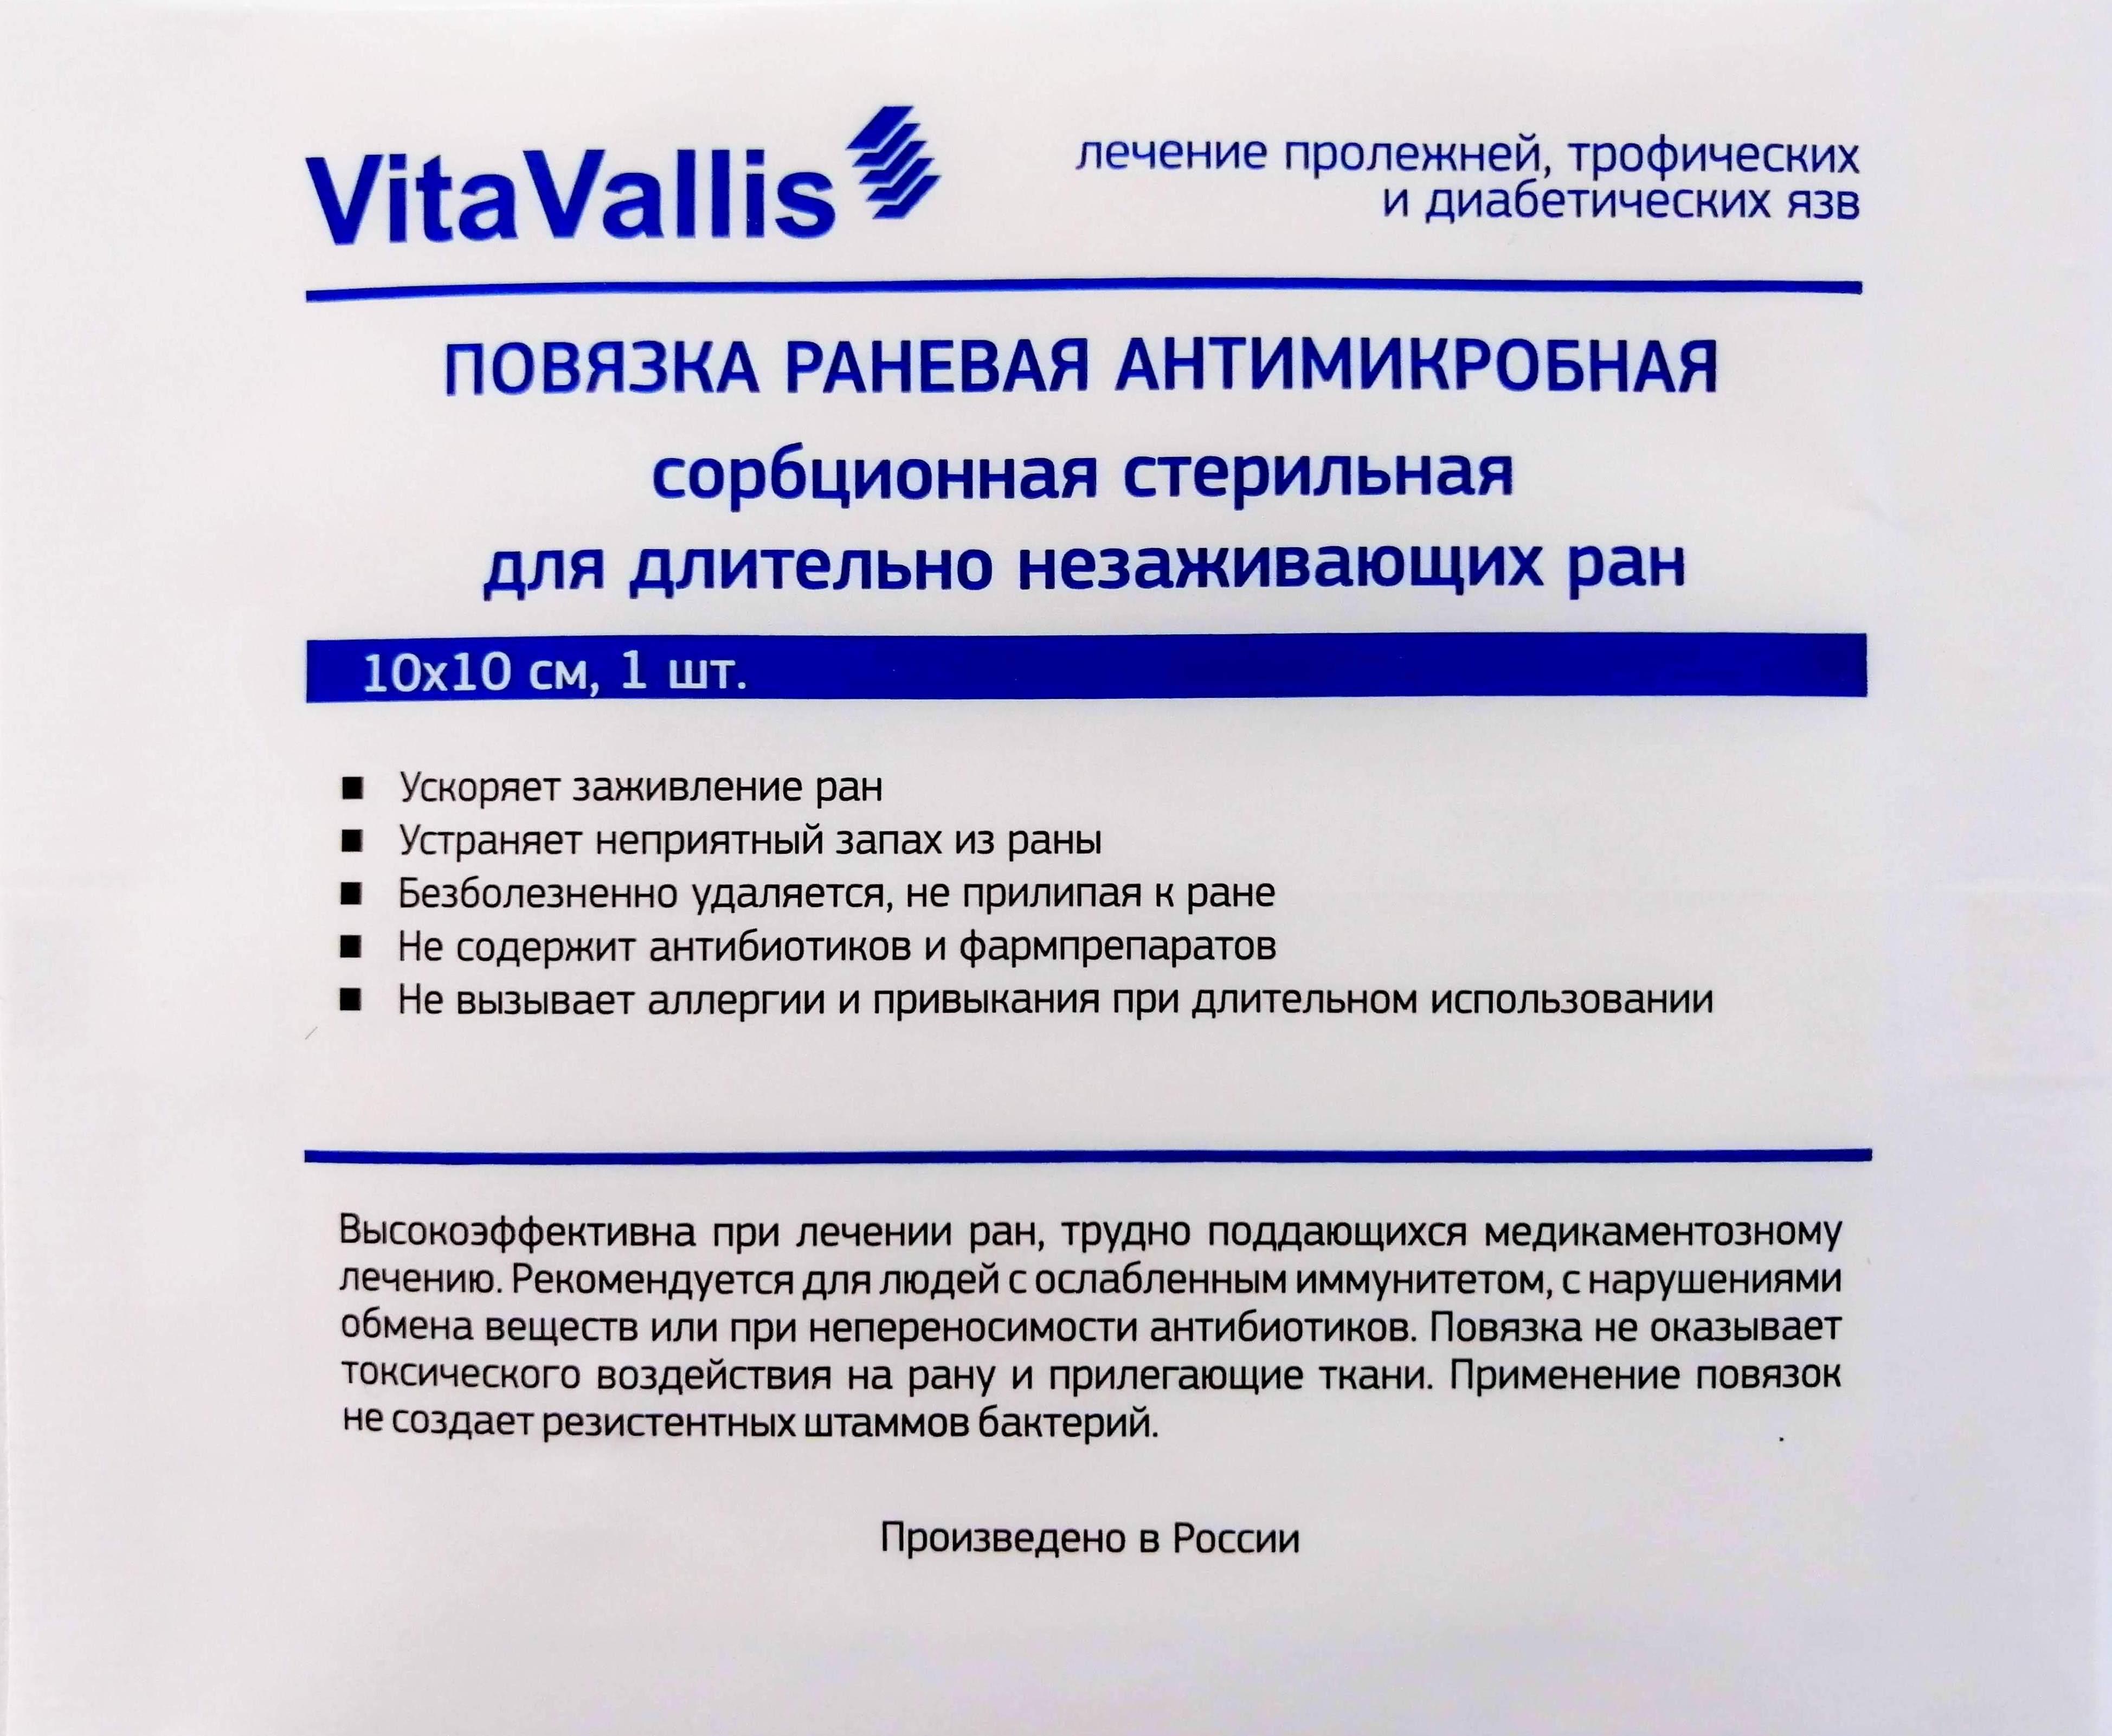 ВитаВаллис для длительно незаживающих ран.